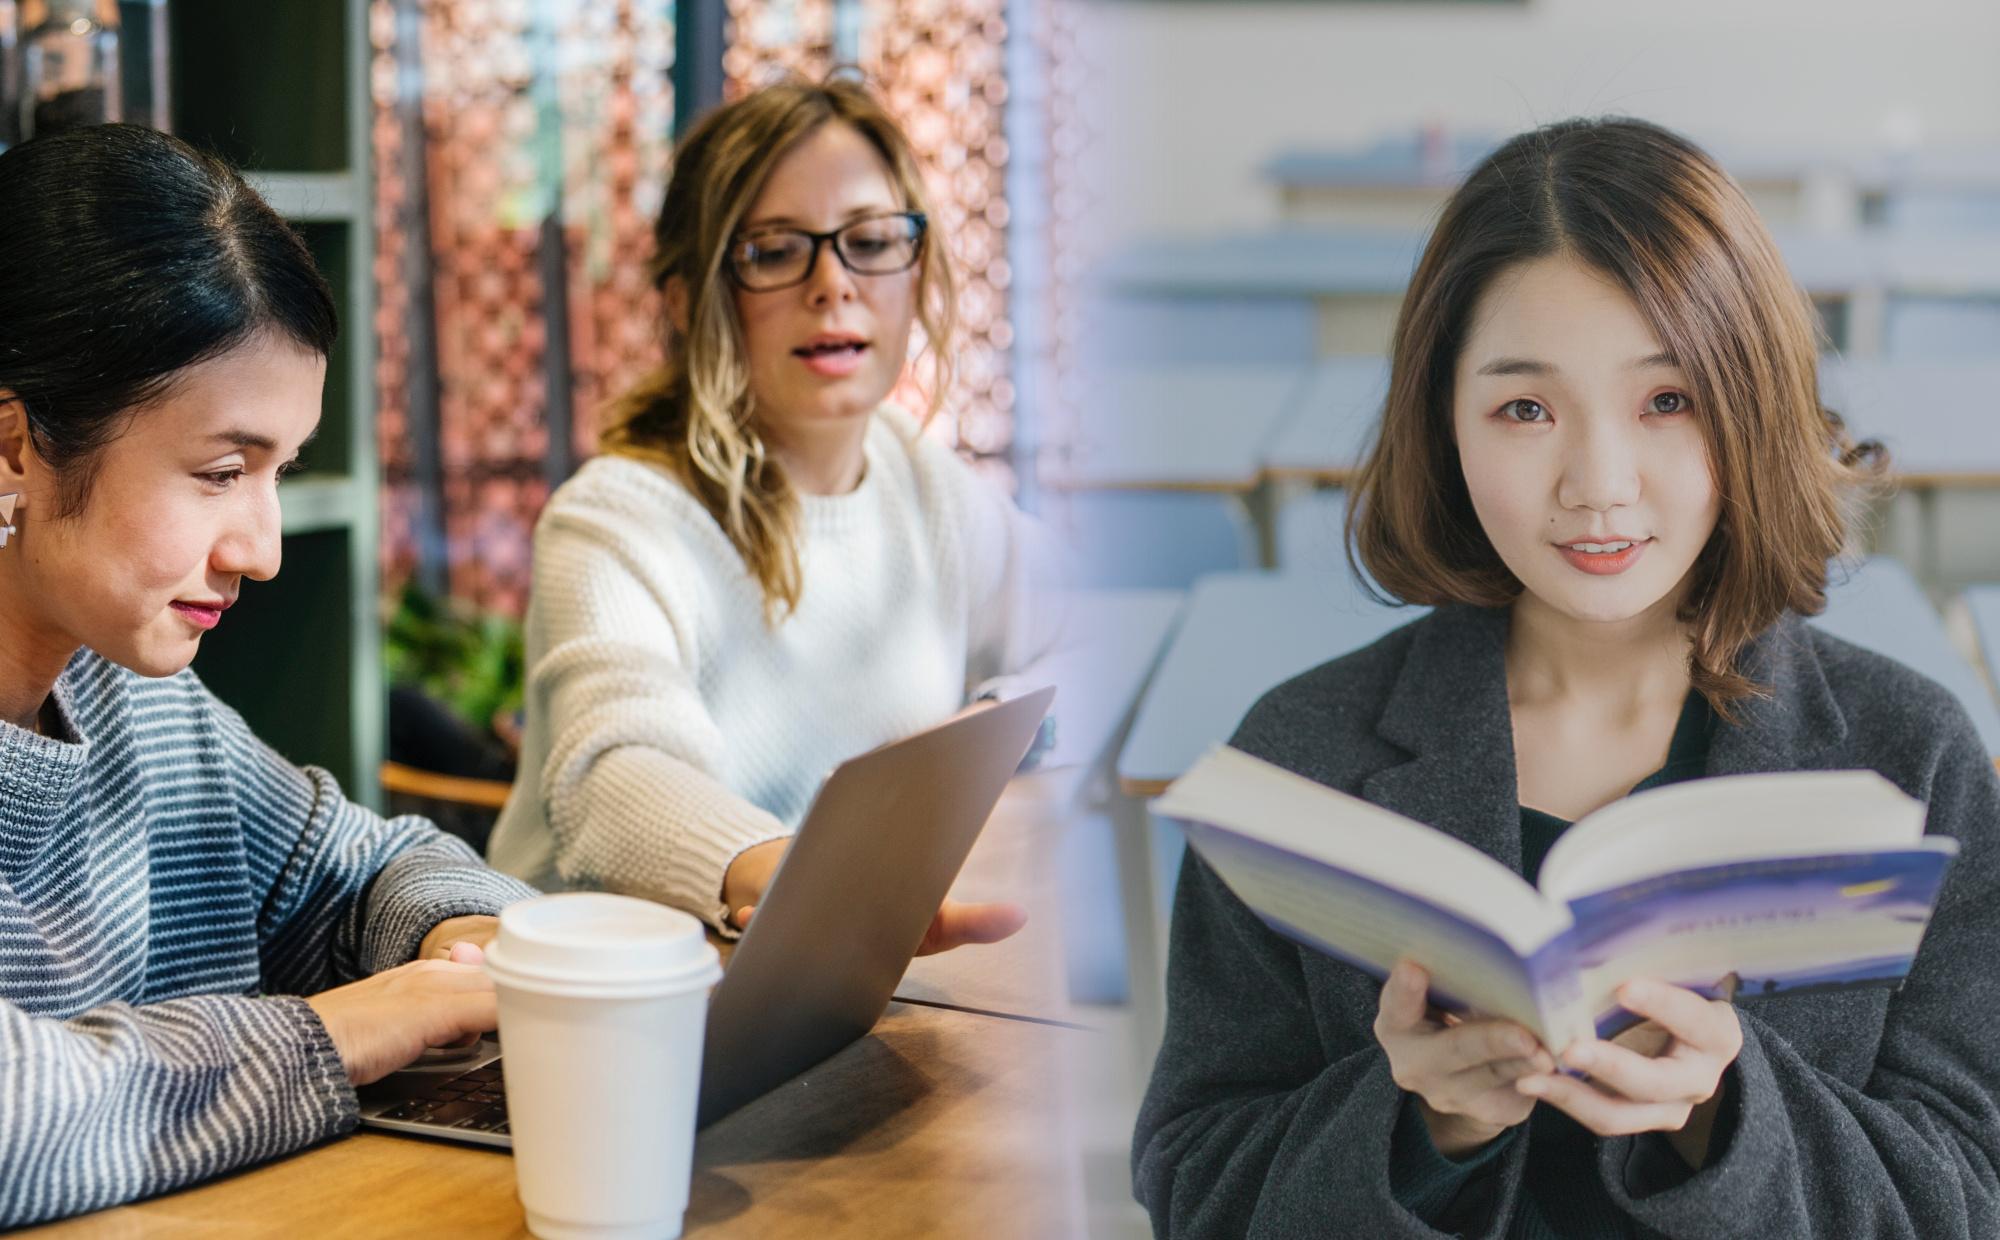 ネイティブ講師から英語を勉強する女性たち